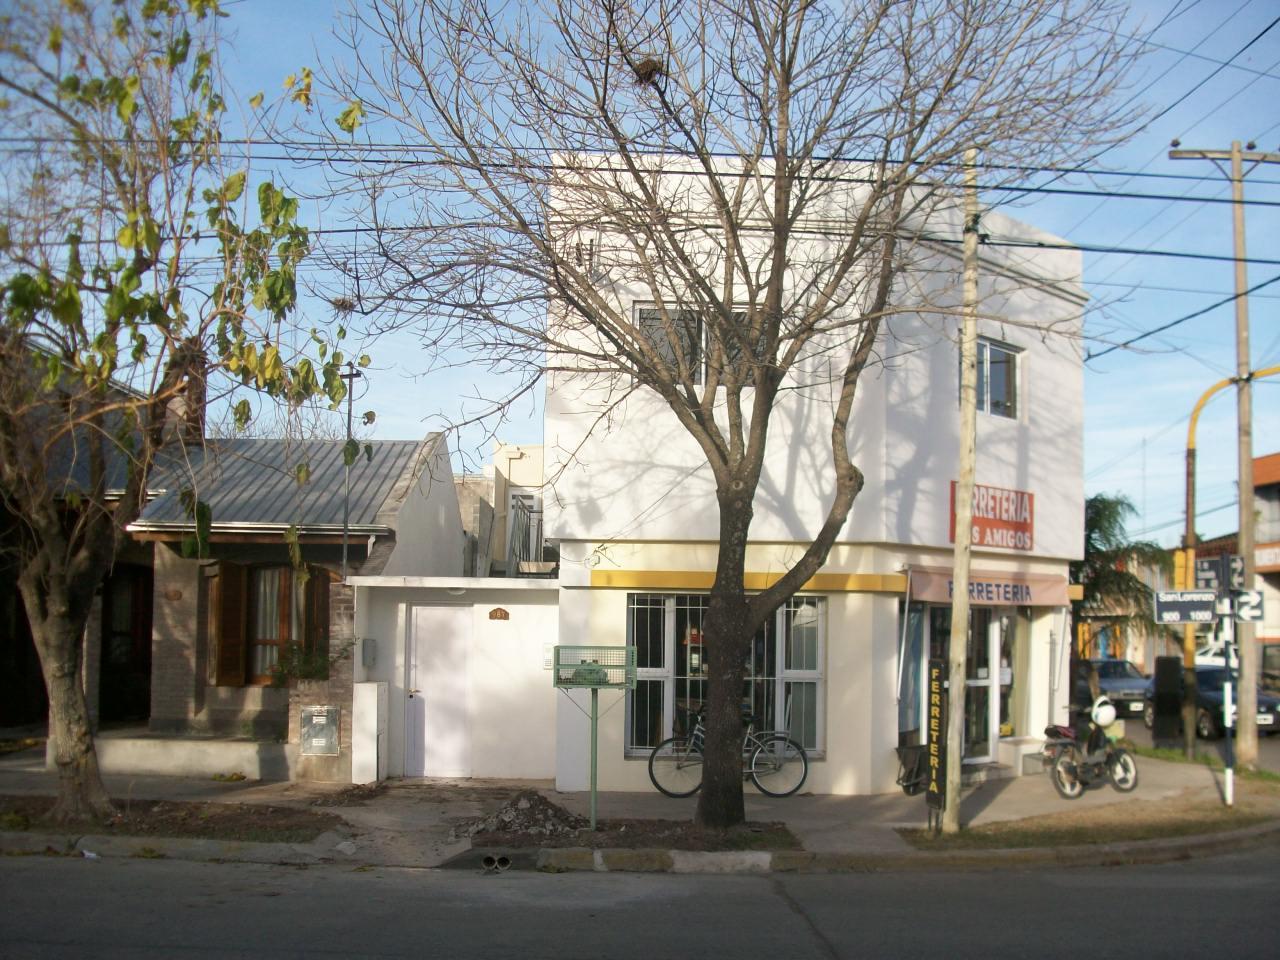 San Lorenzo al 900 - Gaggiotti Inmobiliaria cuenta con más de 50 años desde que se inicio en el negocio de los servicios inmobiliarios.